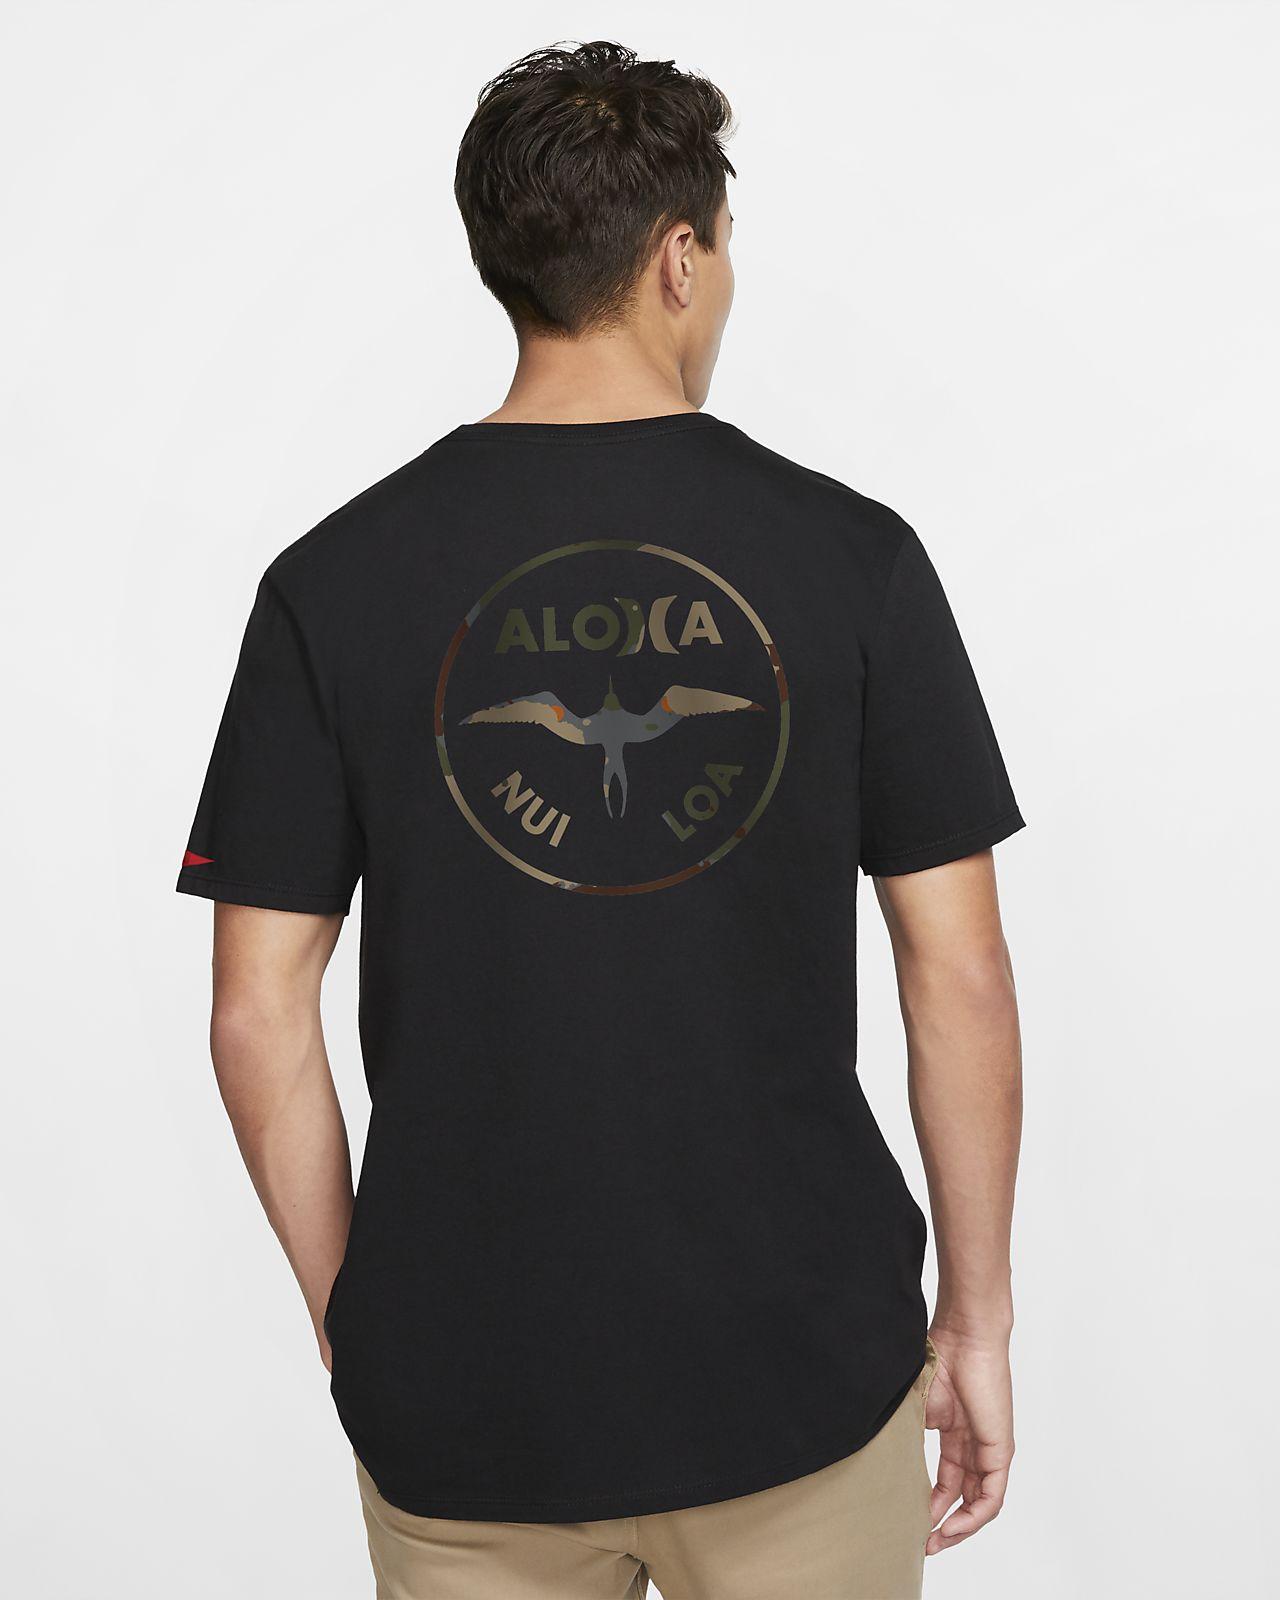 T-shirt Hurley Premium JJF Aloha för män